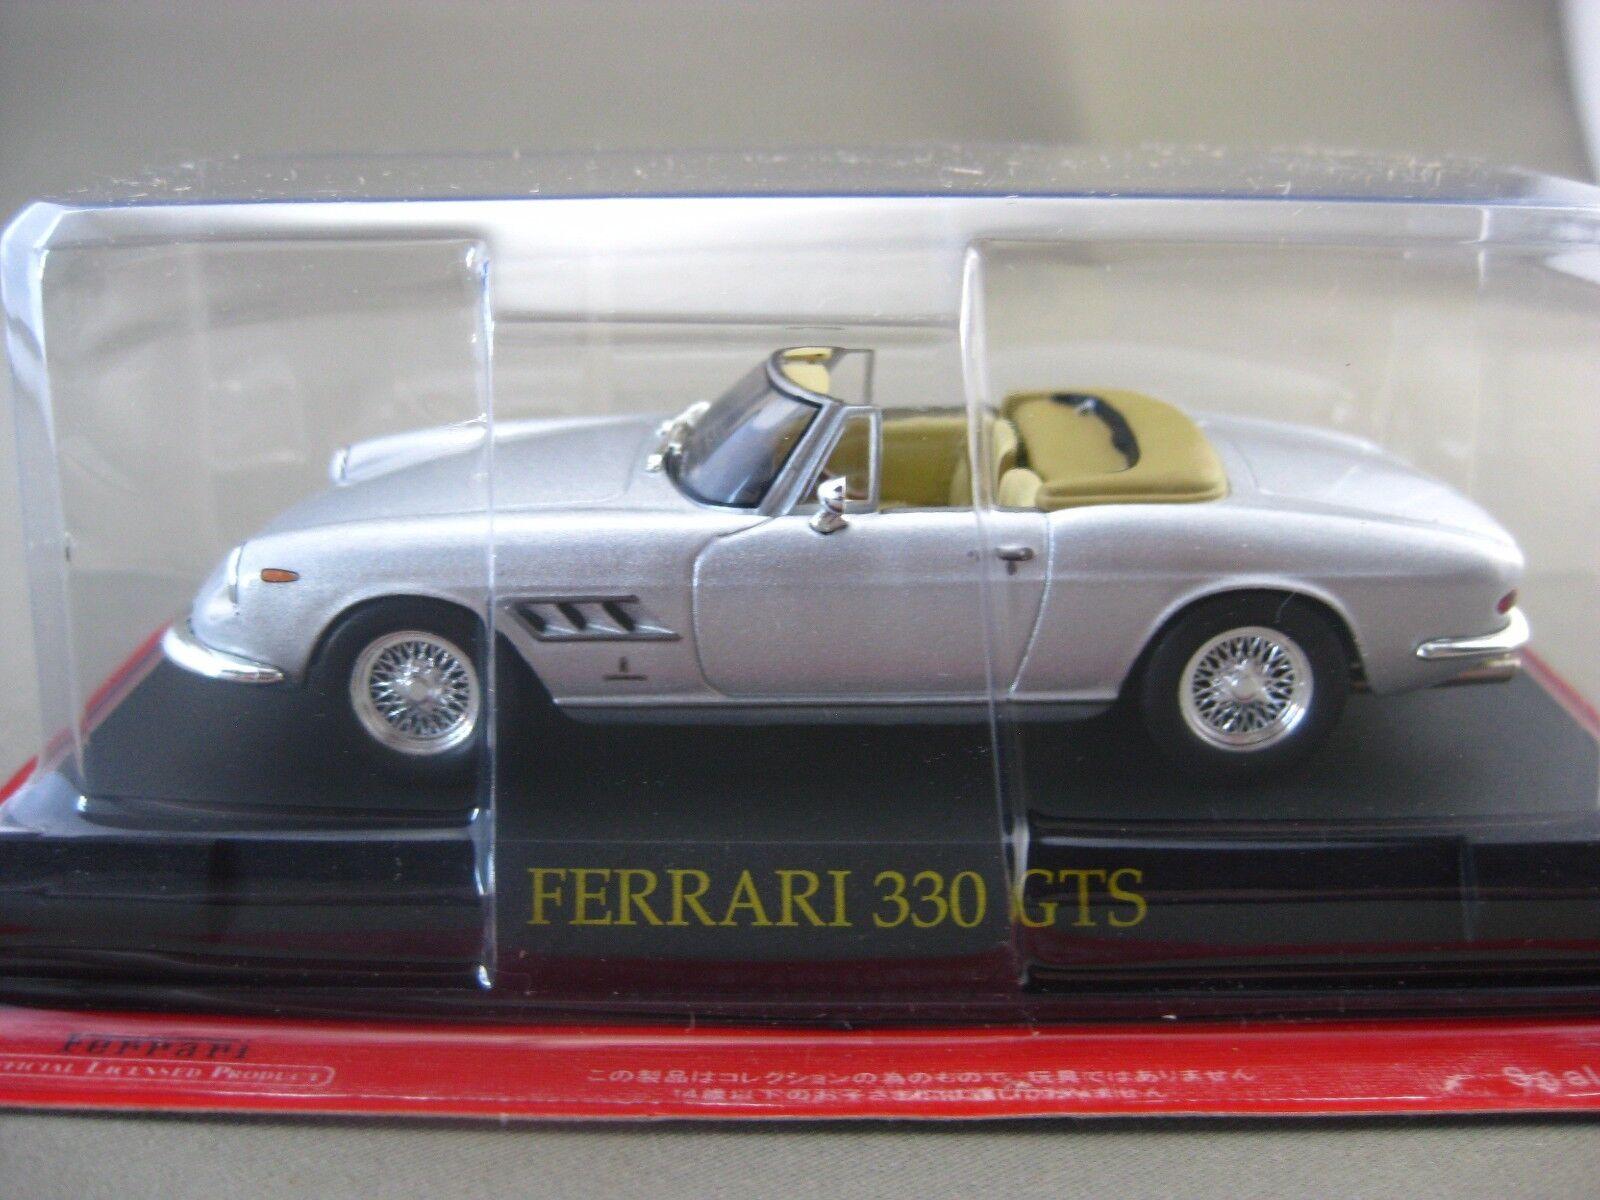 Ferrari 330 GTS Hachette 1 43 Diecast voiture Vol.30